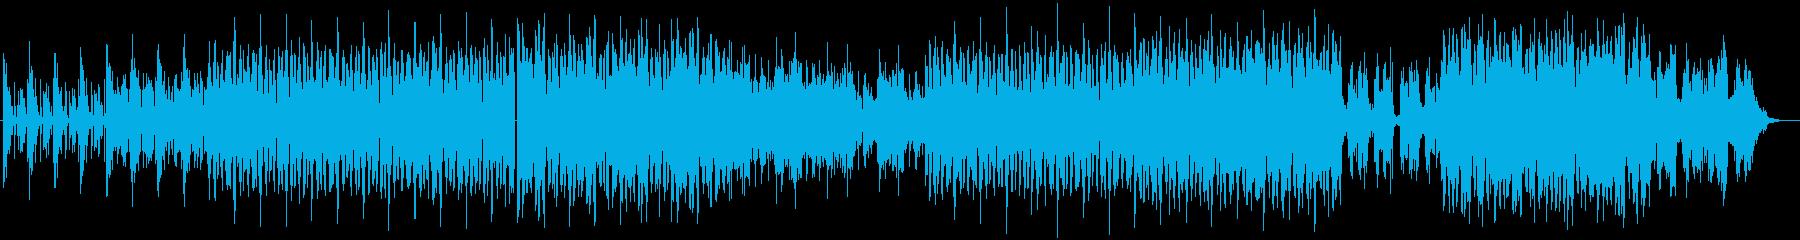 透明感の広がりがあるエレクトロの再生済みの波形